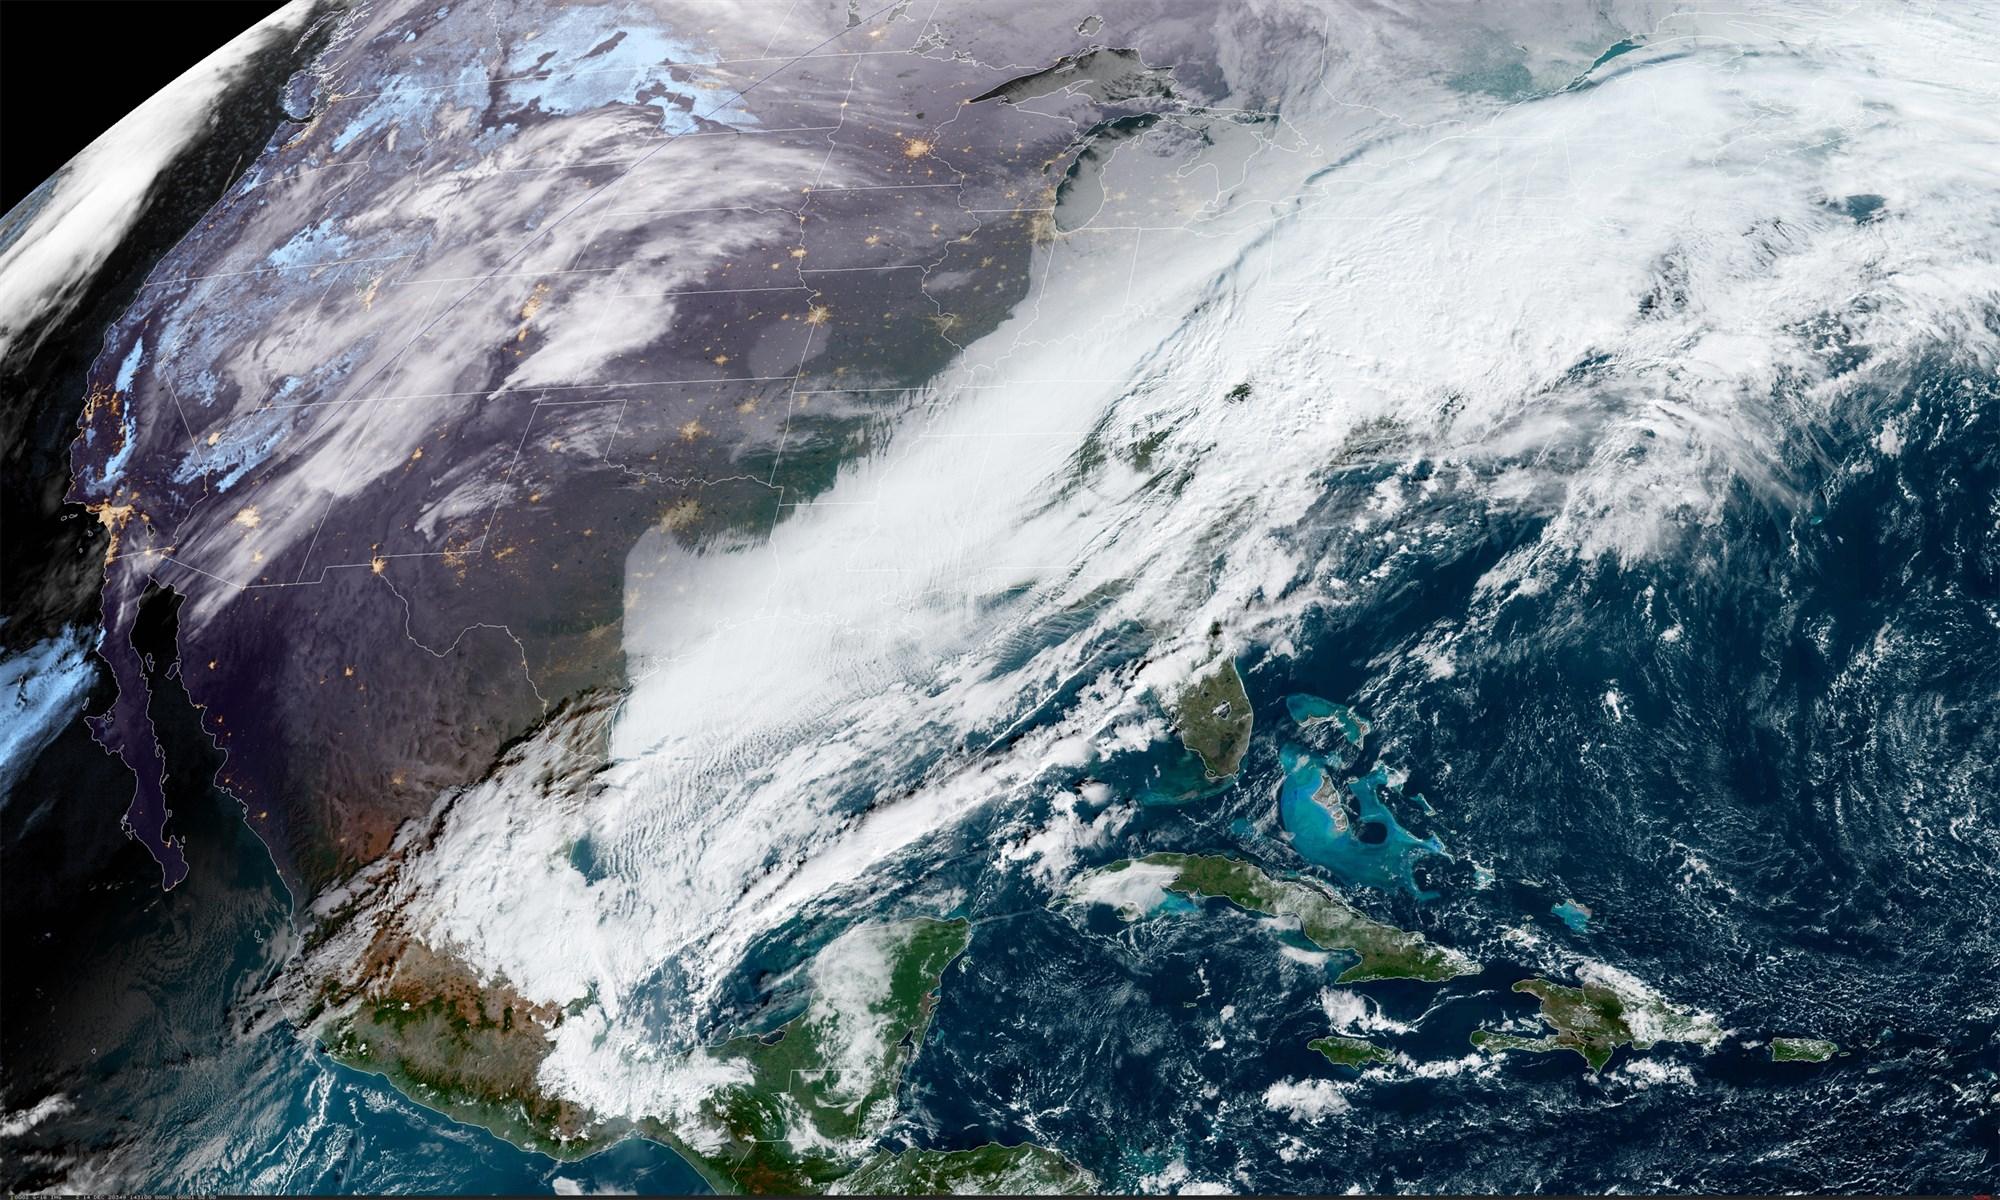 Một cơn bão tuyết được dự báo sẽ bao trùm vùng Đông Bắc